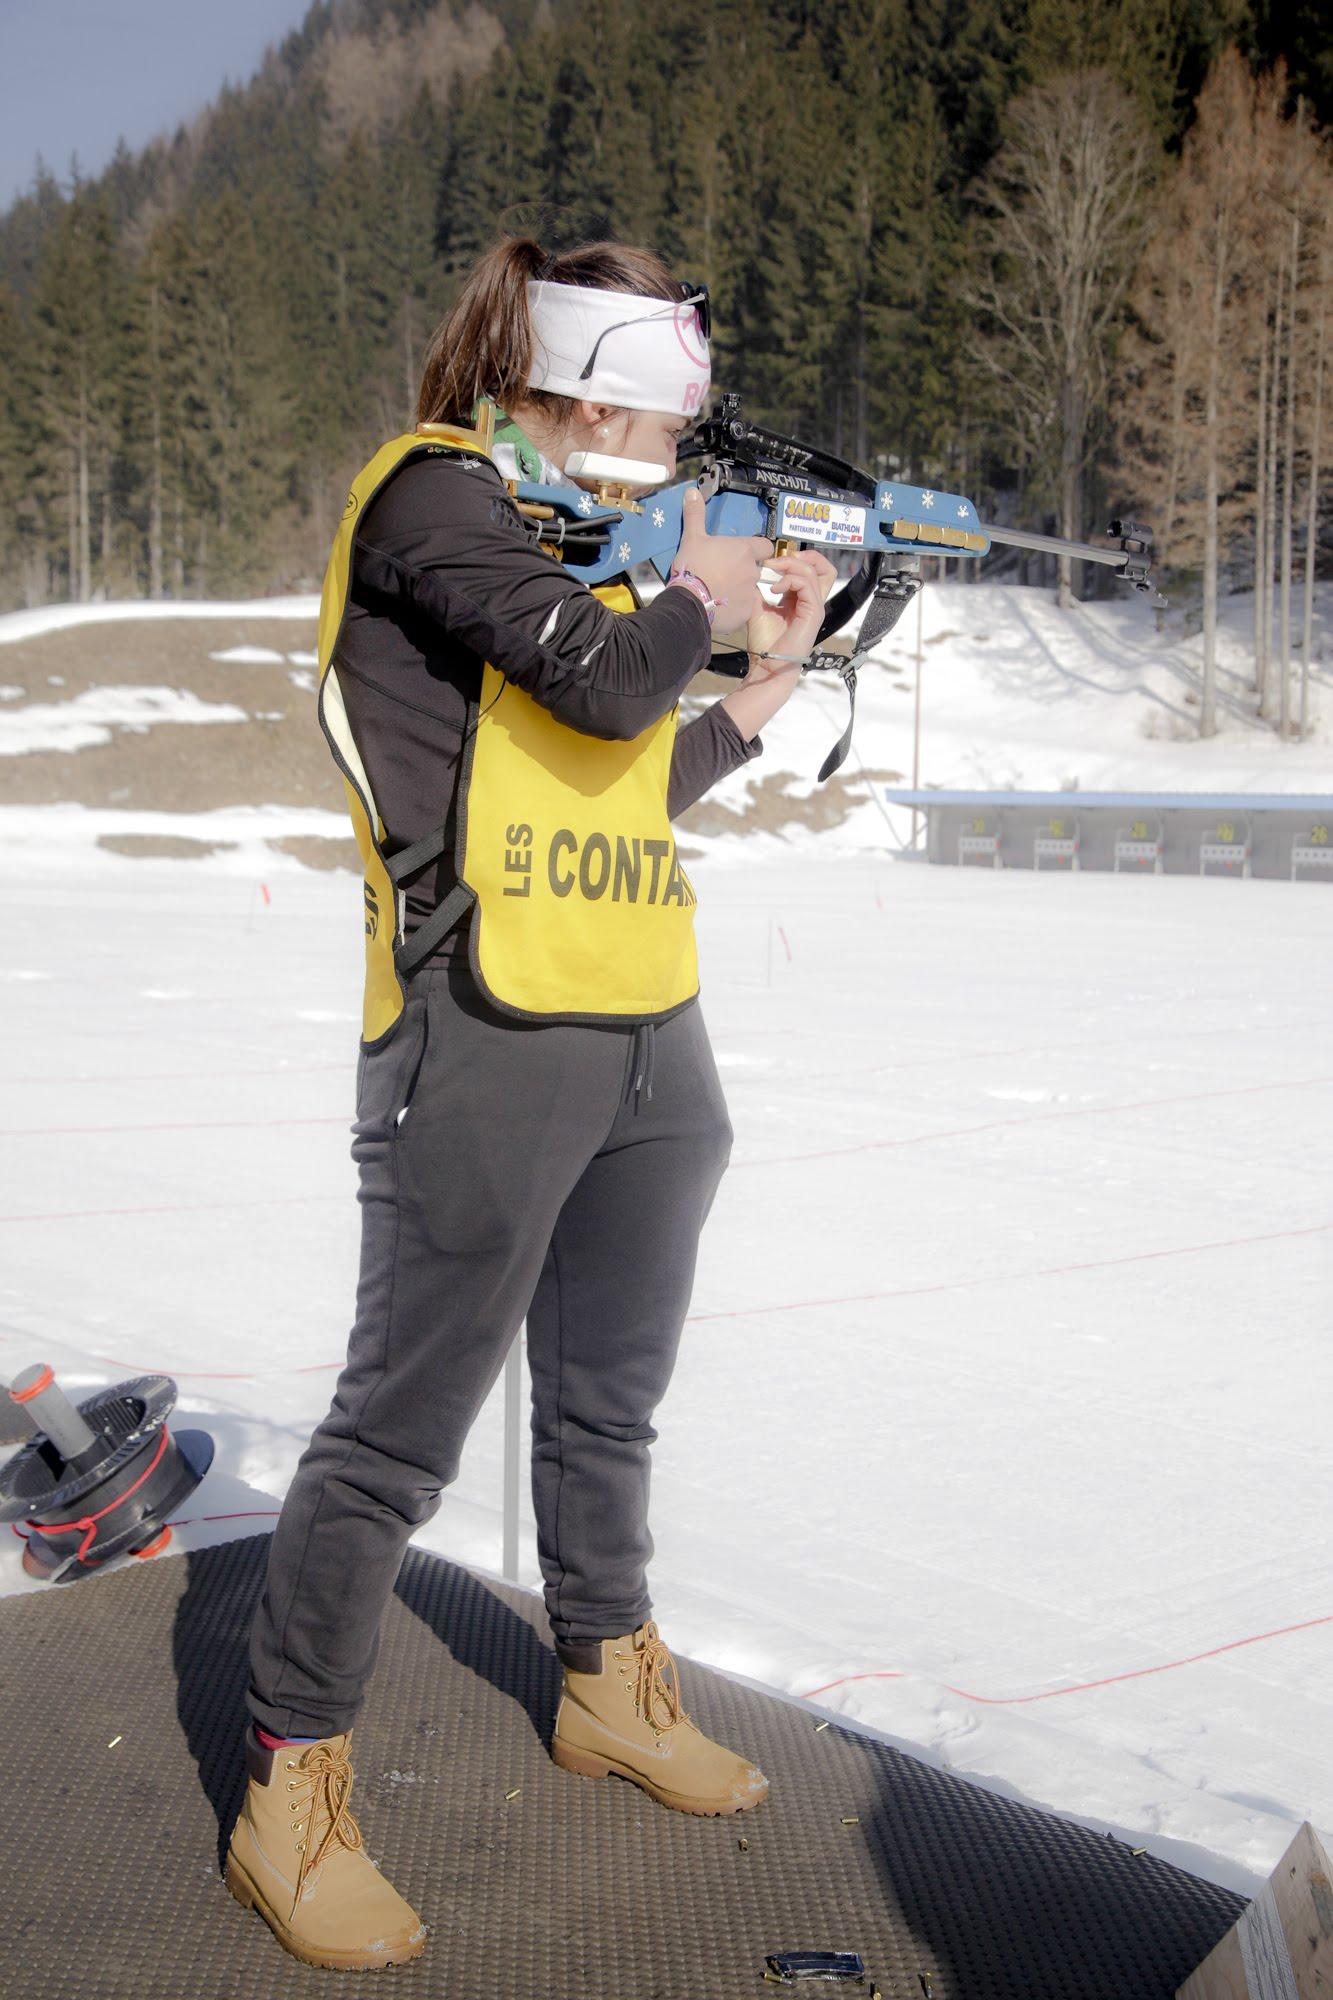 180224-BiathlonImpulse-Contamines-073